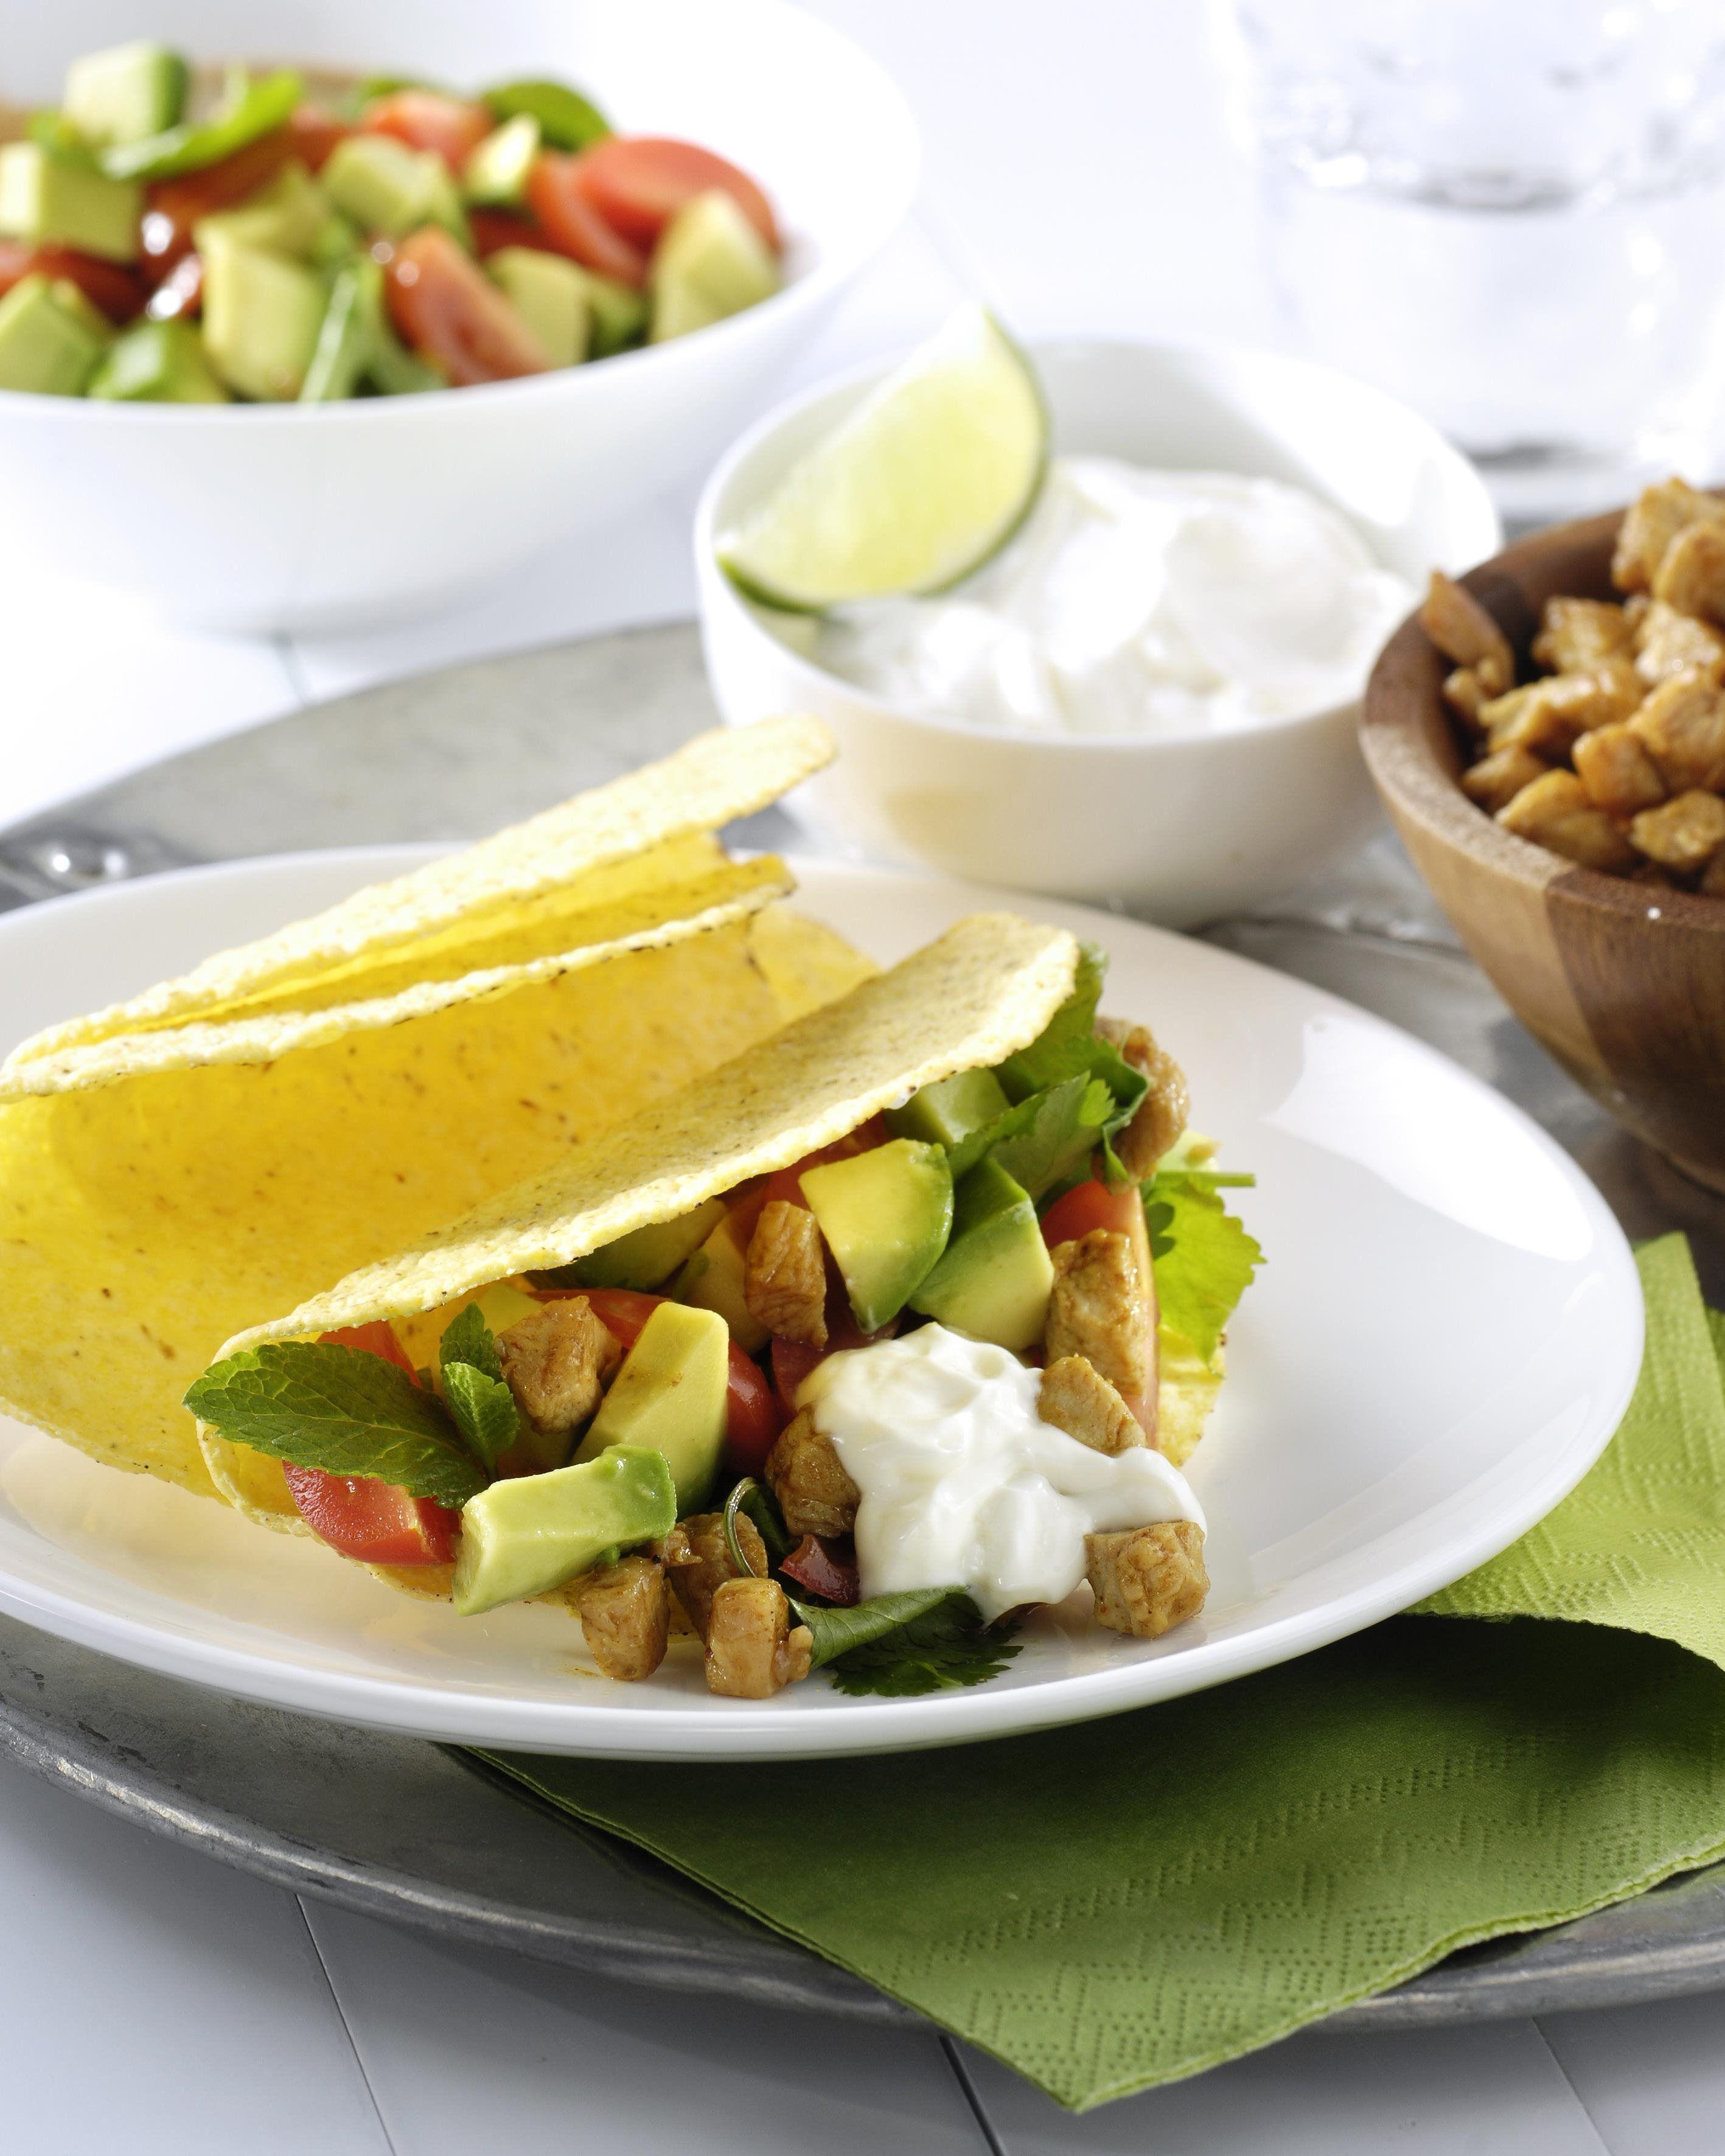 Tacos à la dinde, menthe et coriandre avec une salade de tomates et avocat